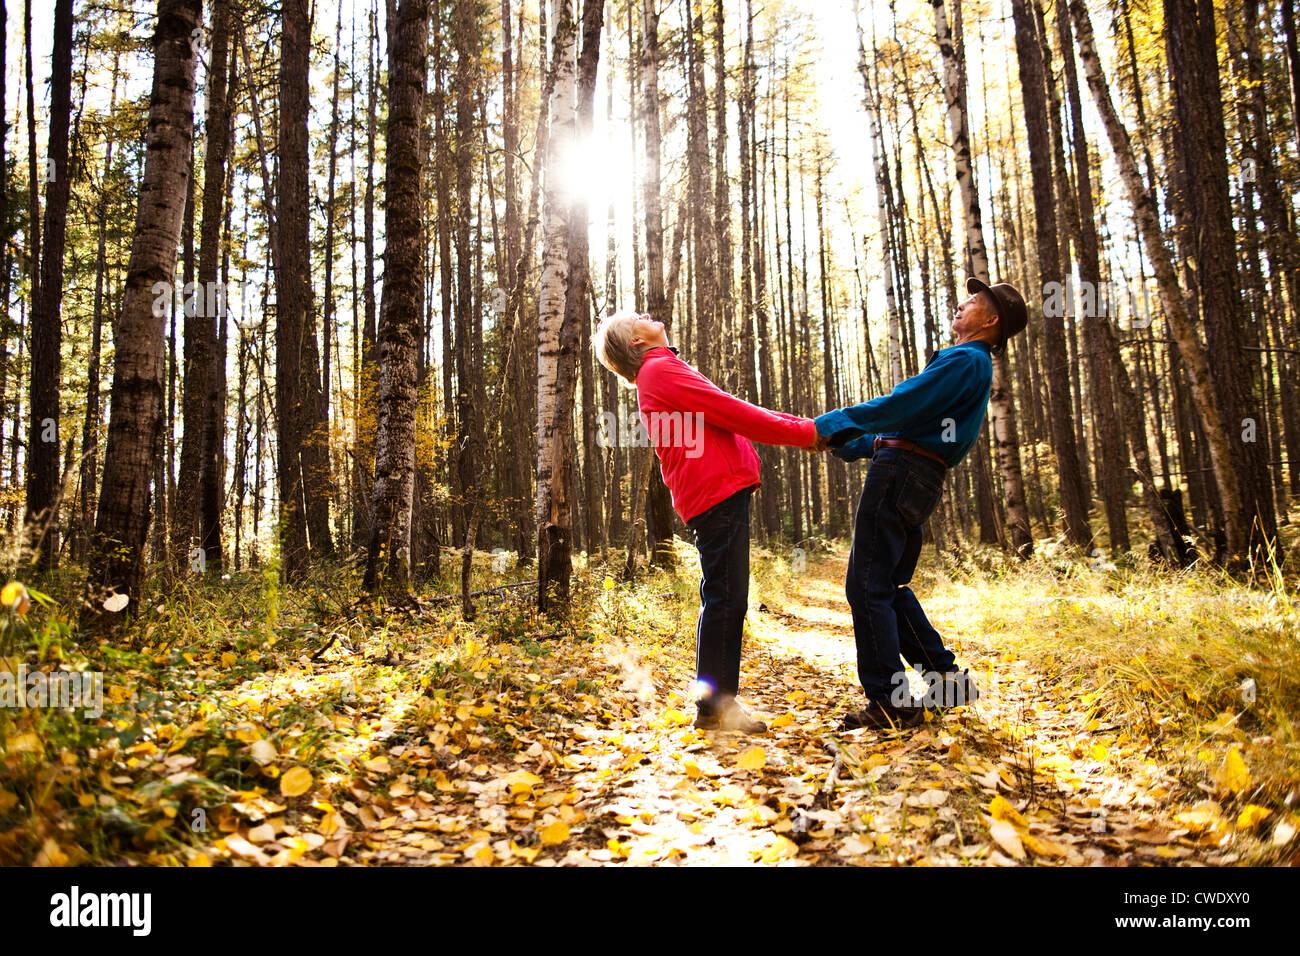 Una felice coppia in pensione a ridere e sorridere mentre su una escursione attraverso una foresta durante la caduta Immagini Stock